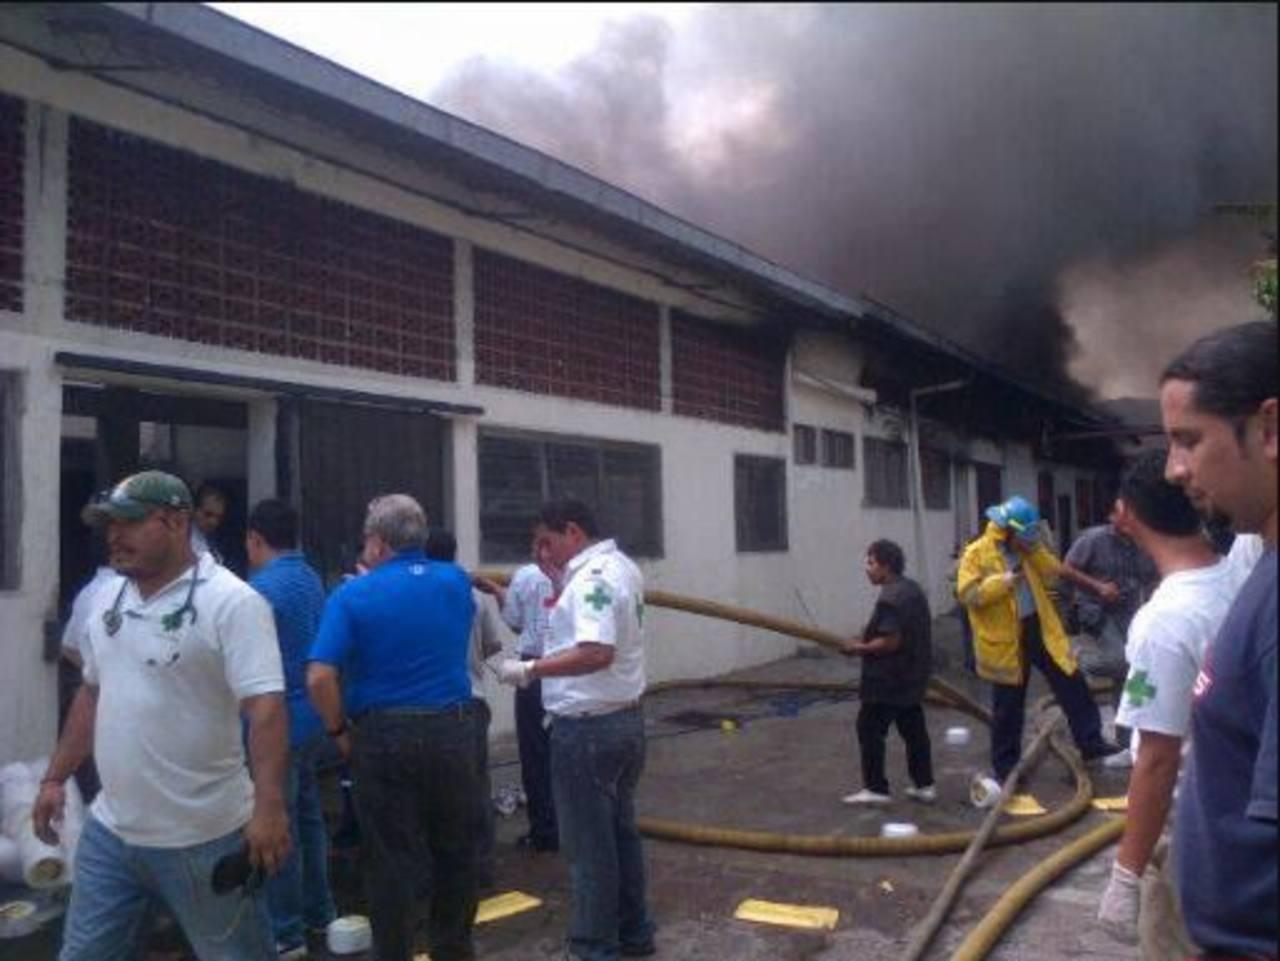 En el bulevar ex Venezuela un incendio destruyó el 50% de una fábrica de platos desechables. FOTO EDH/A. cASTRO